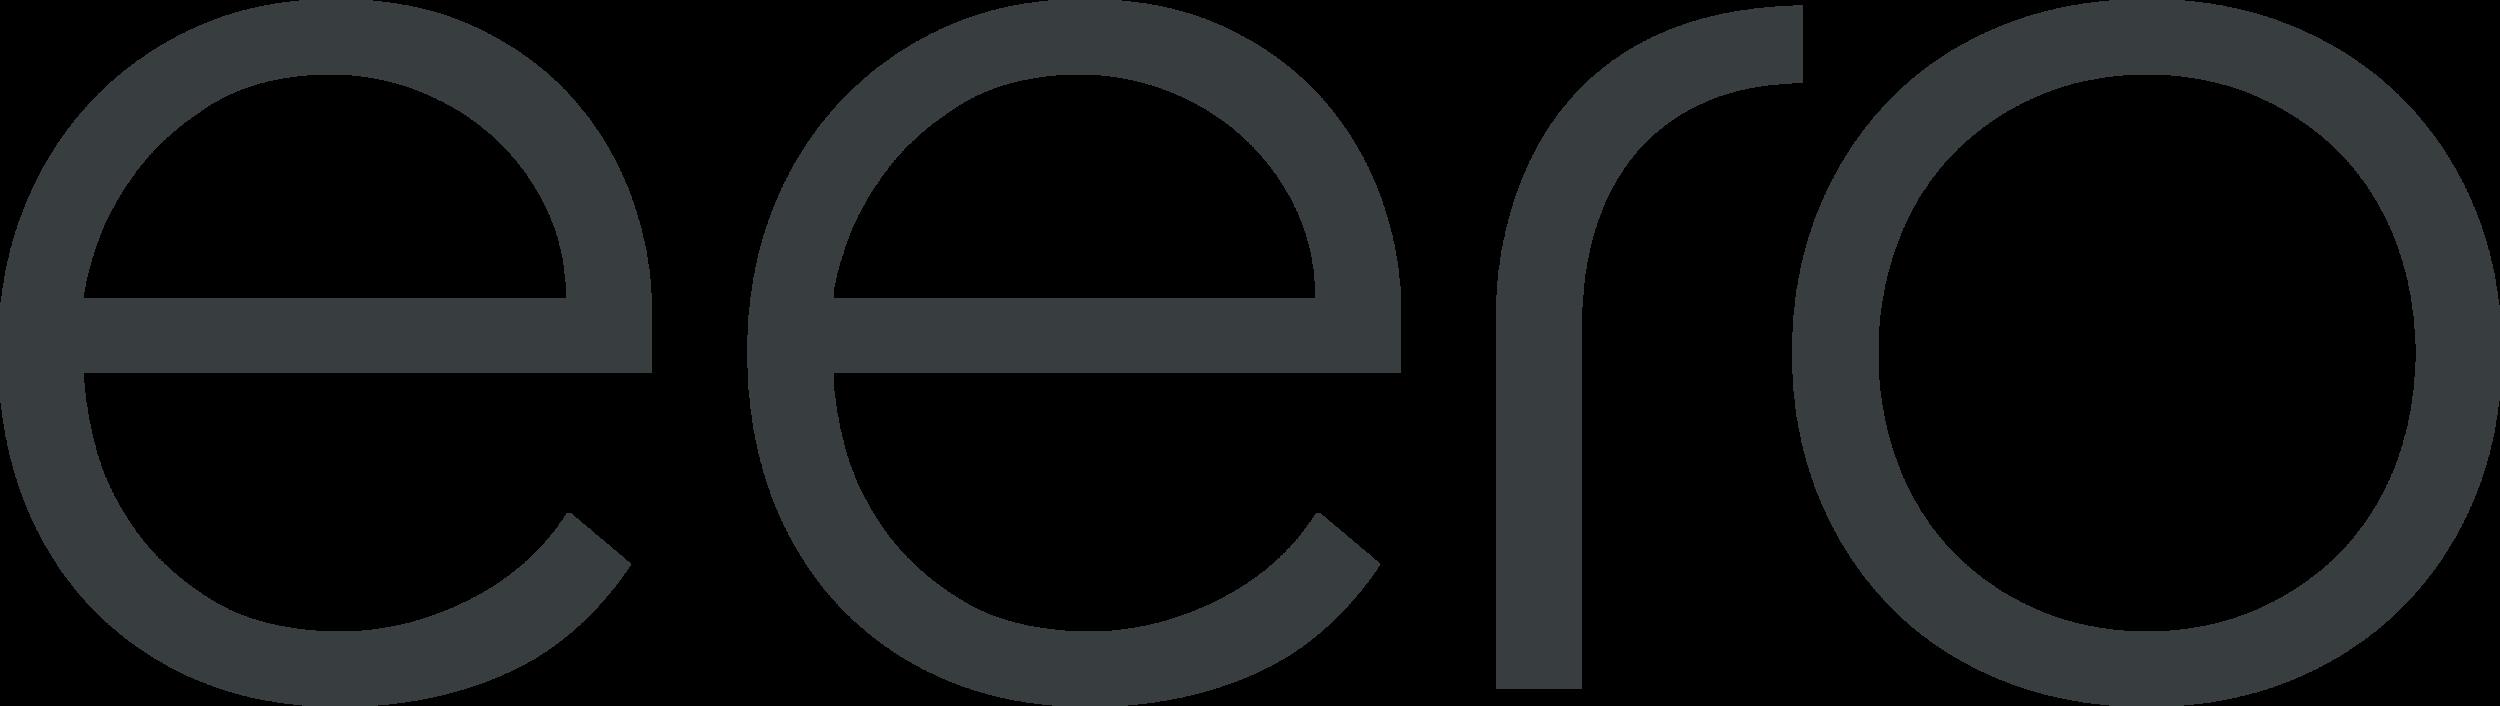 eero-wordmark_grey.png